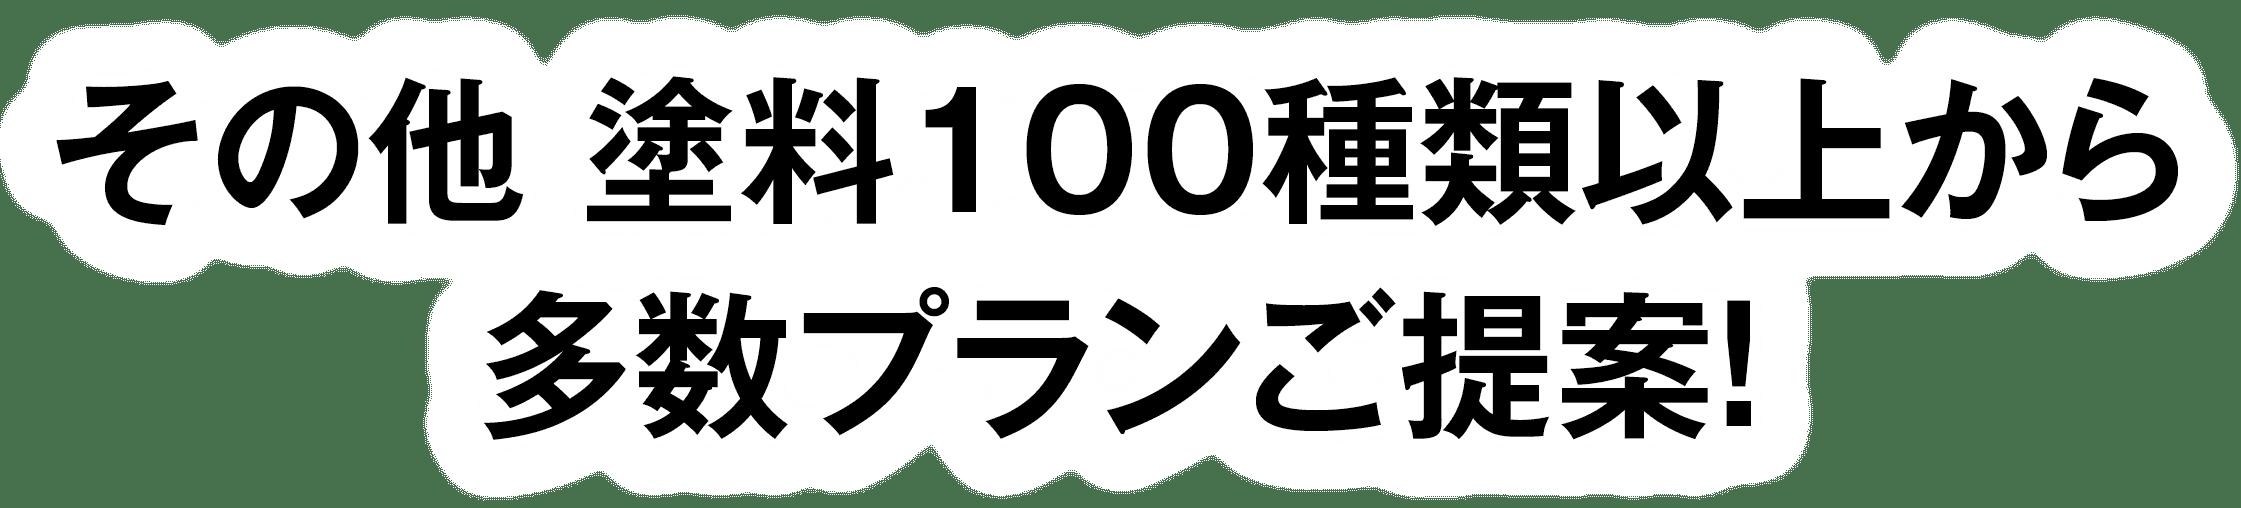 塗料100種類以上から多数プランご提案!